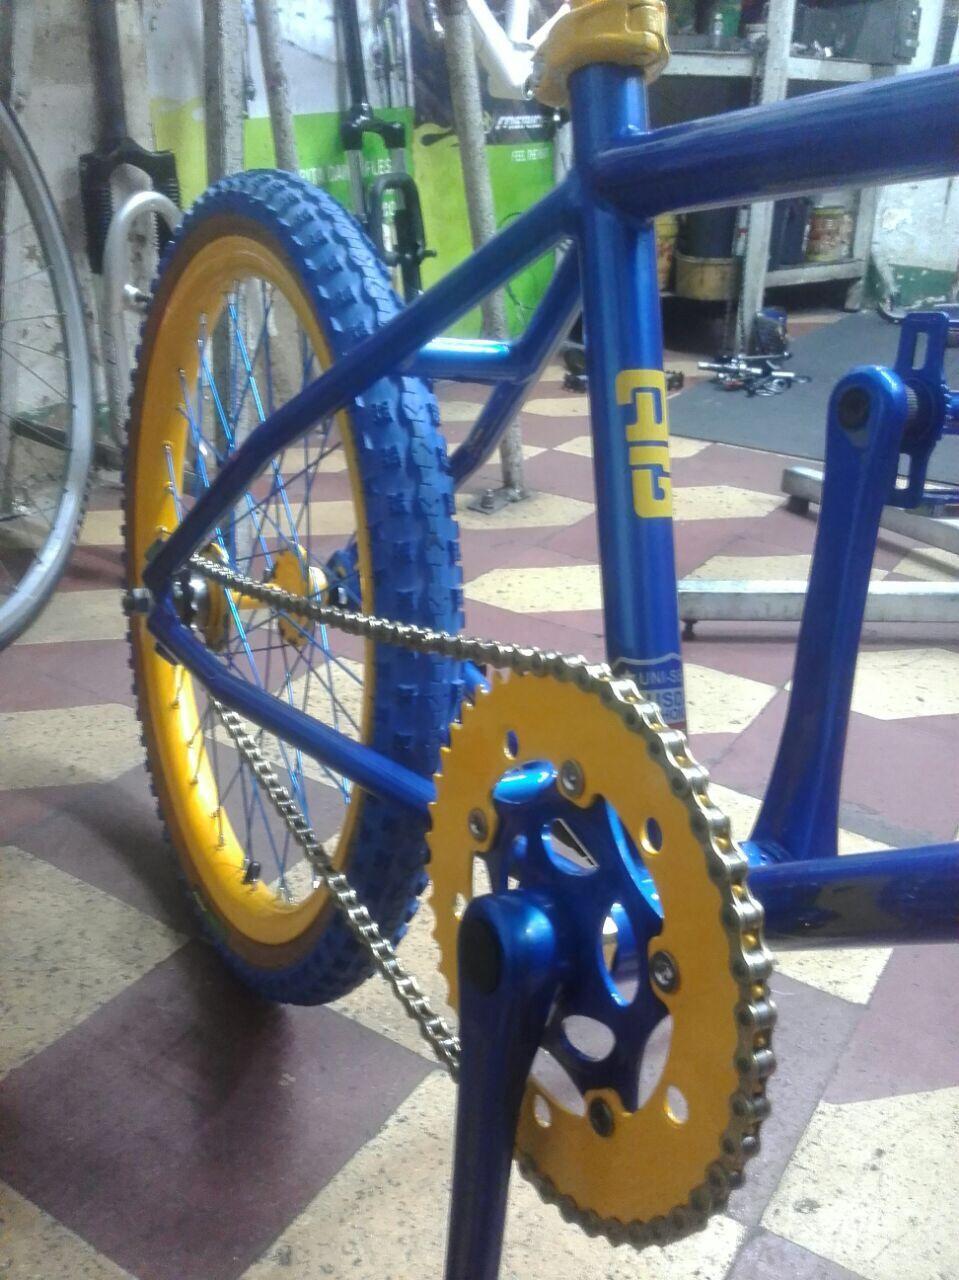 Pin by kawika samaniego on Biking Bmx bicycle